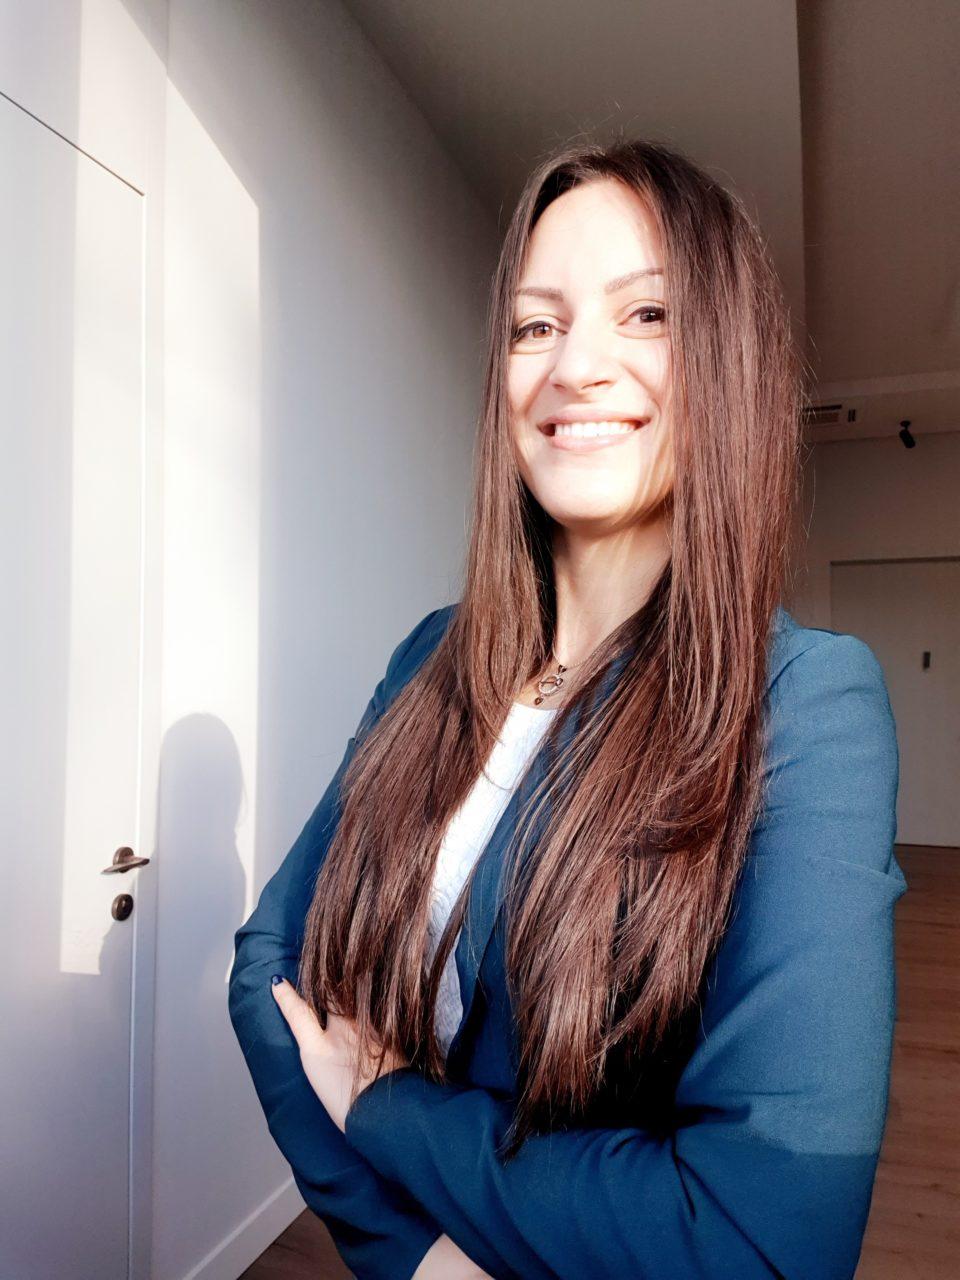 Диляна Калугерова, участник в Сезон 8: 9Academy ми показа, че ученето е процес, който не трябва да спира през целия живот. 1